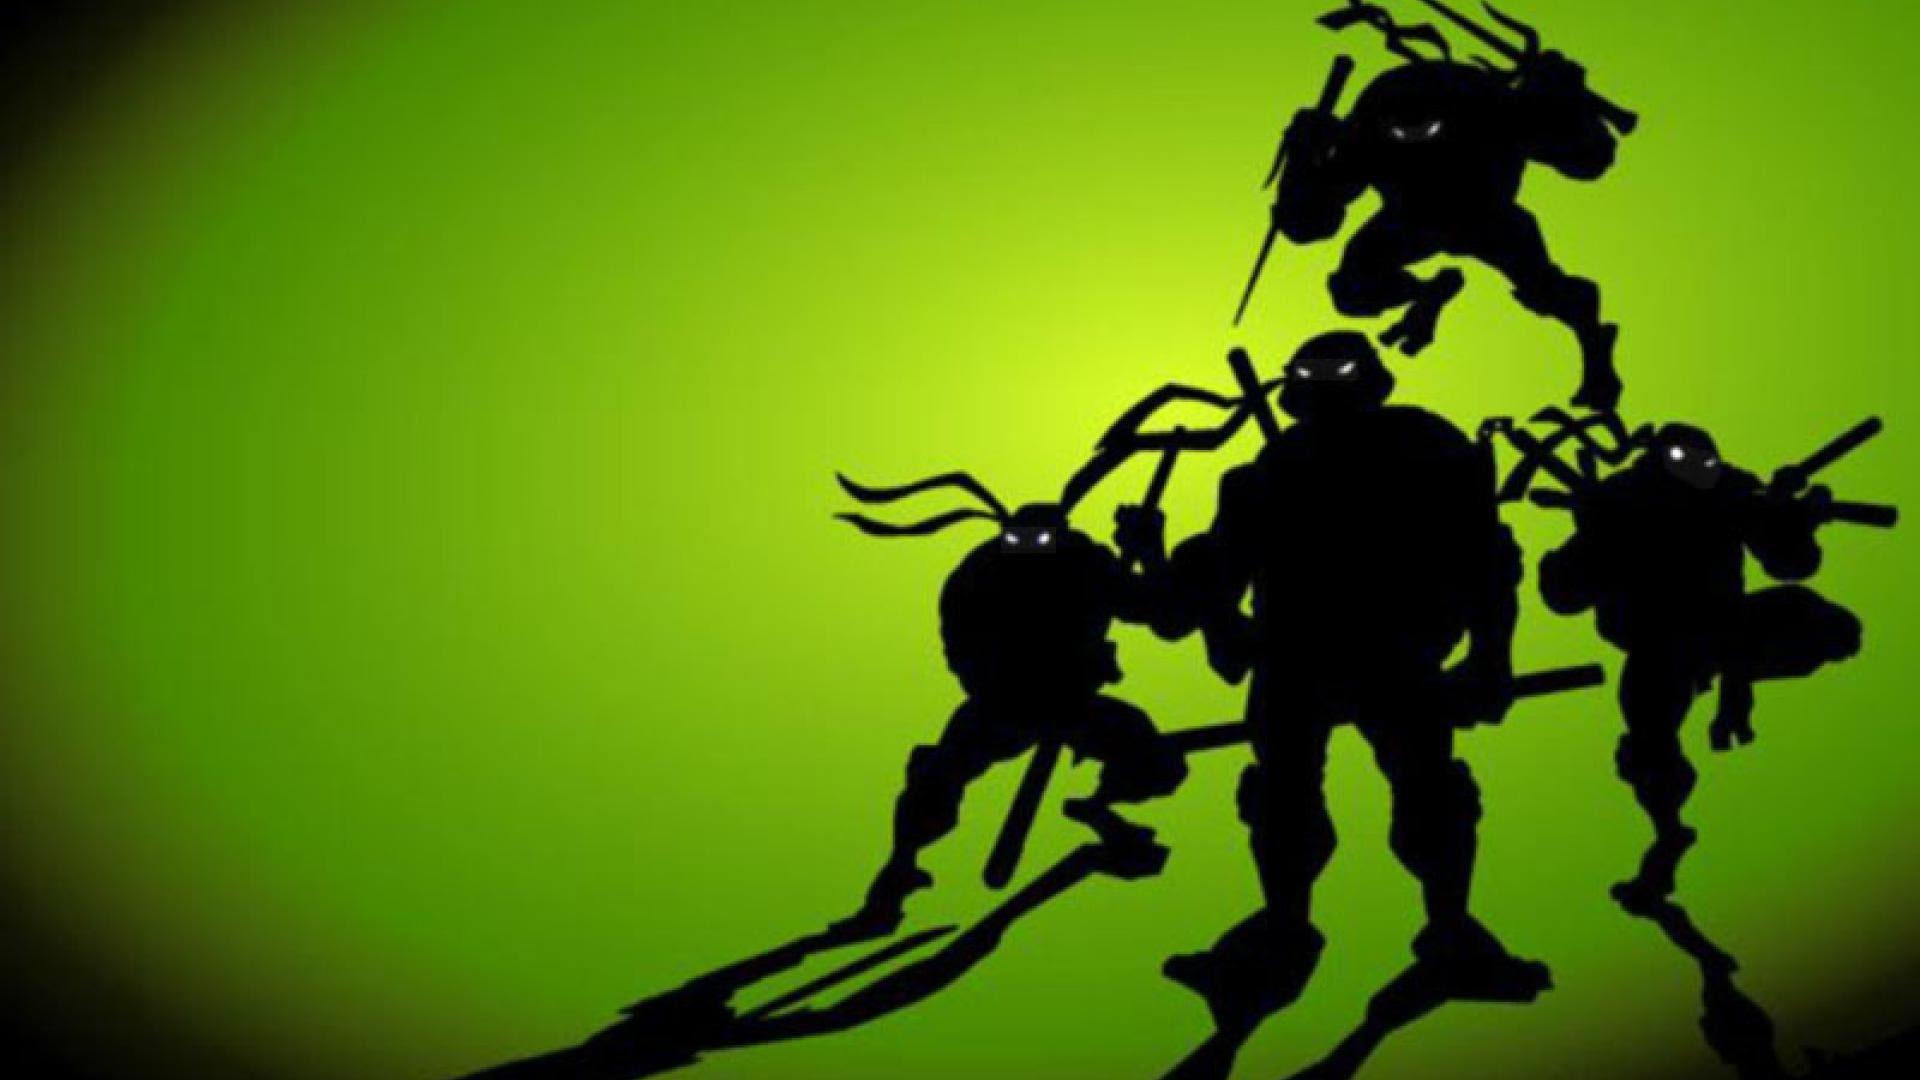 Teenage Mutant Ninja Turtles Wallpaper 68 Images